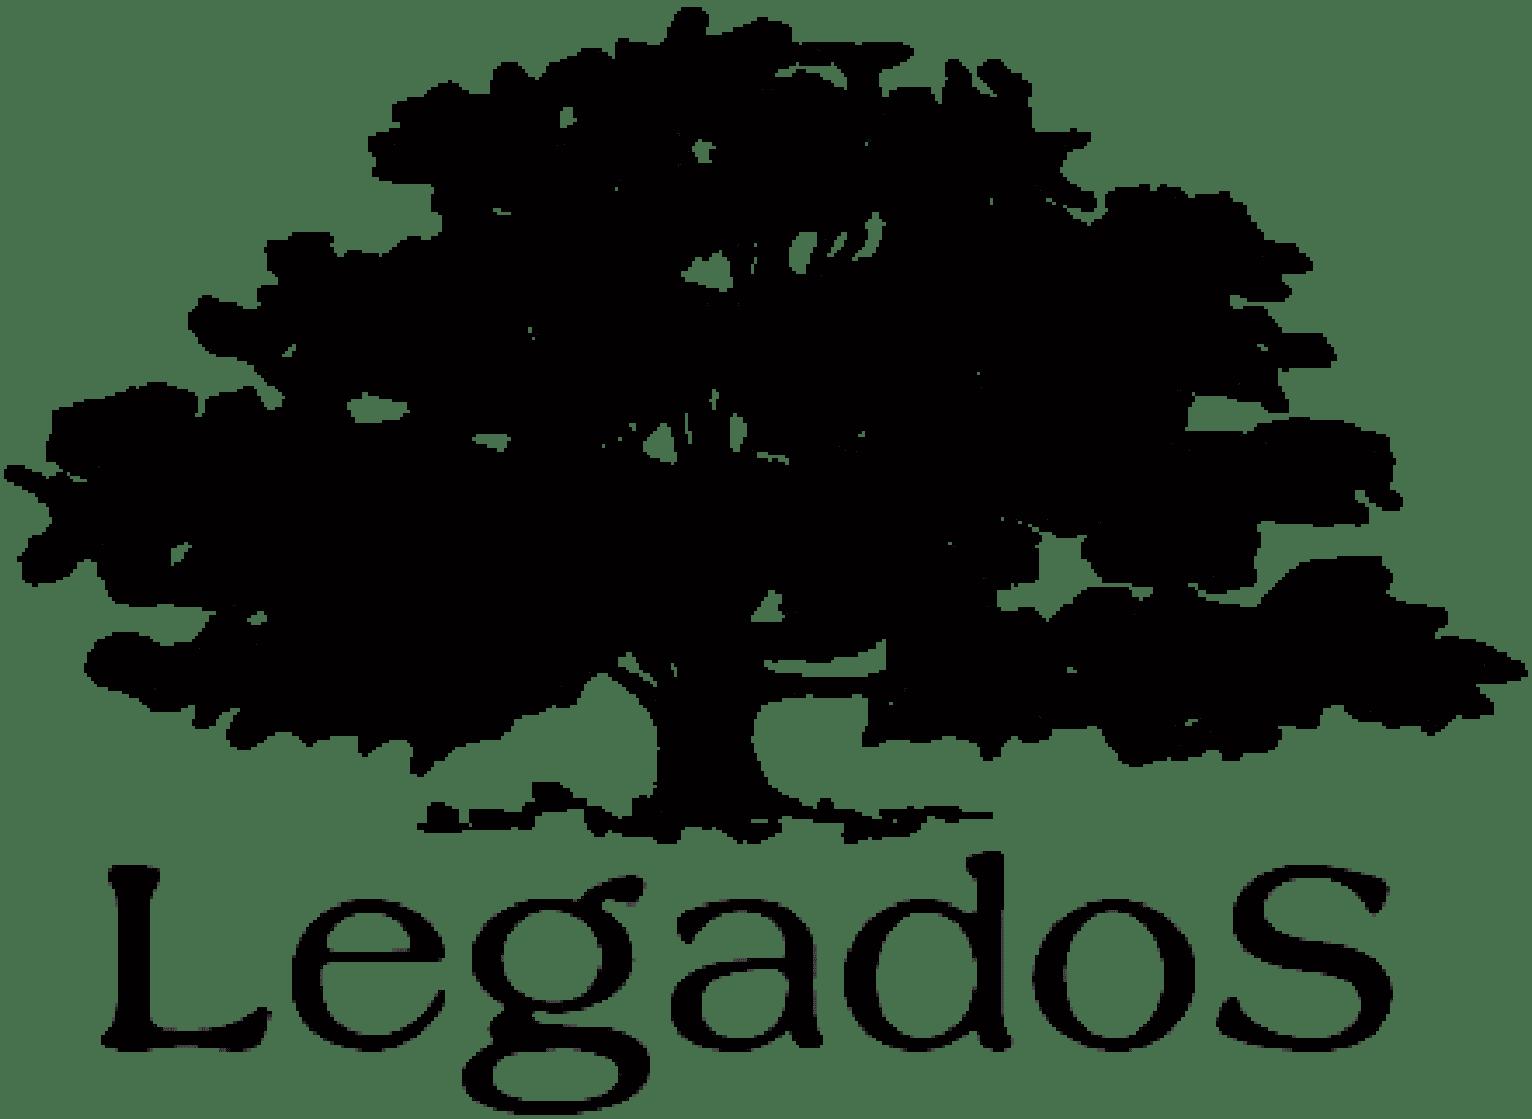 Volver a la web de Legados Ediciones